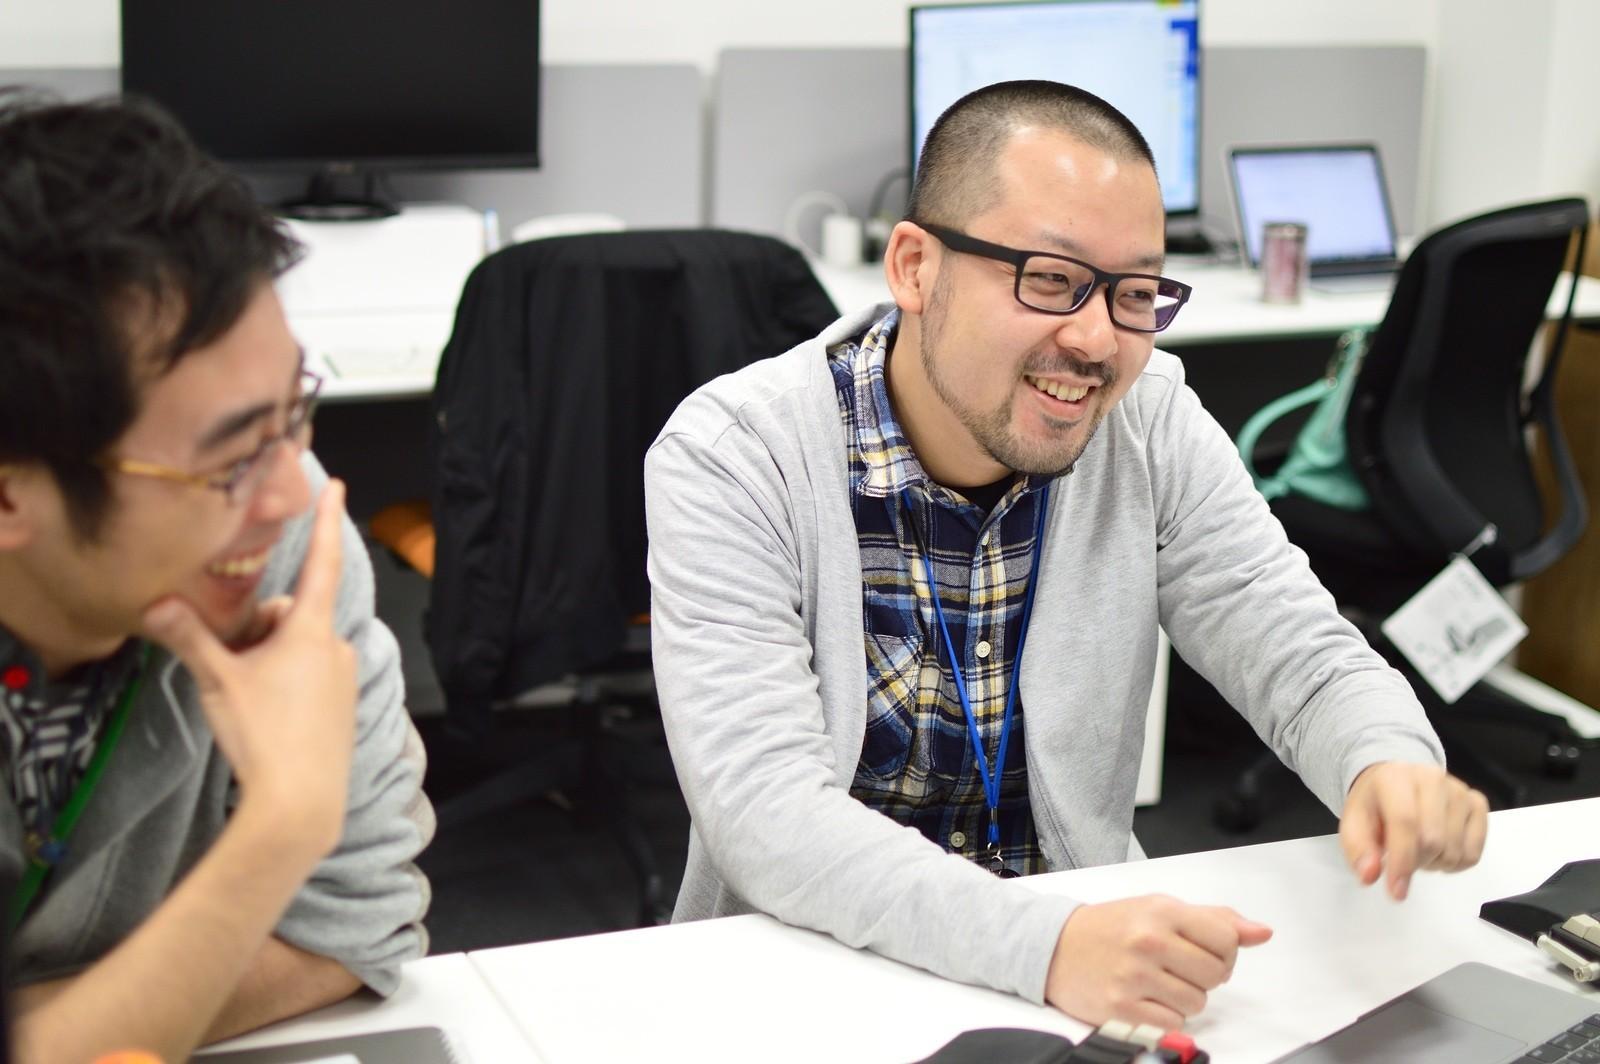 【バックエンドエンジニア】 企業の創造性を向上させる「働き方改革」プラットフォームのコアメンバー募集!<SIerからの転向歓迎&スクラムを実践◎>